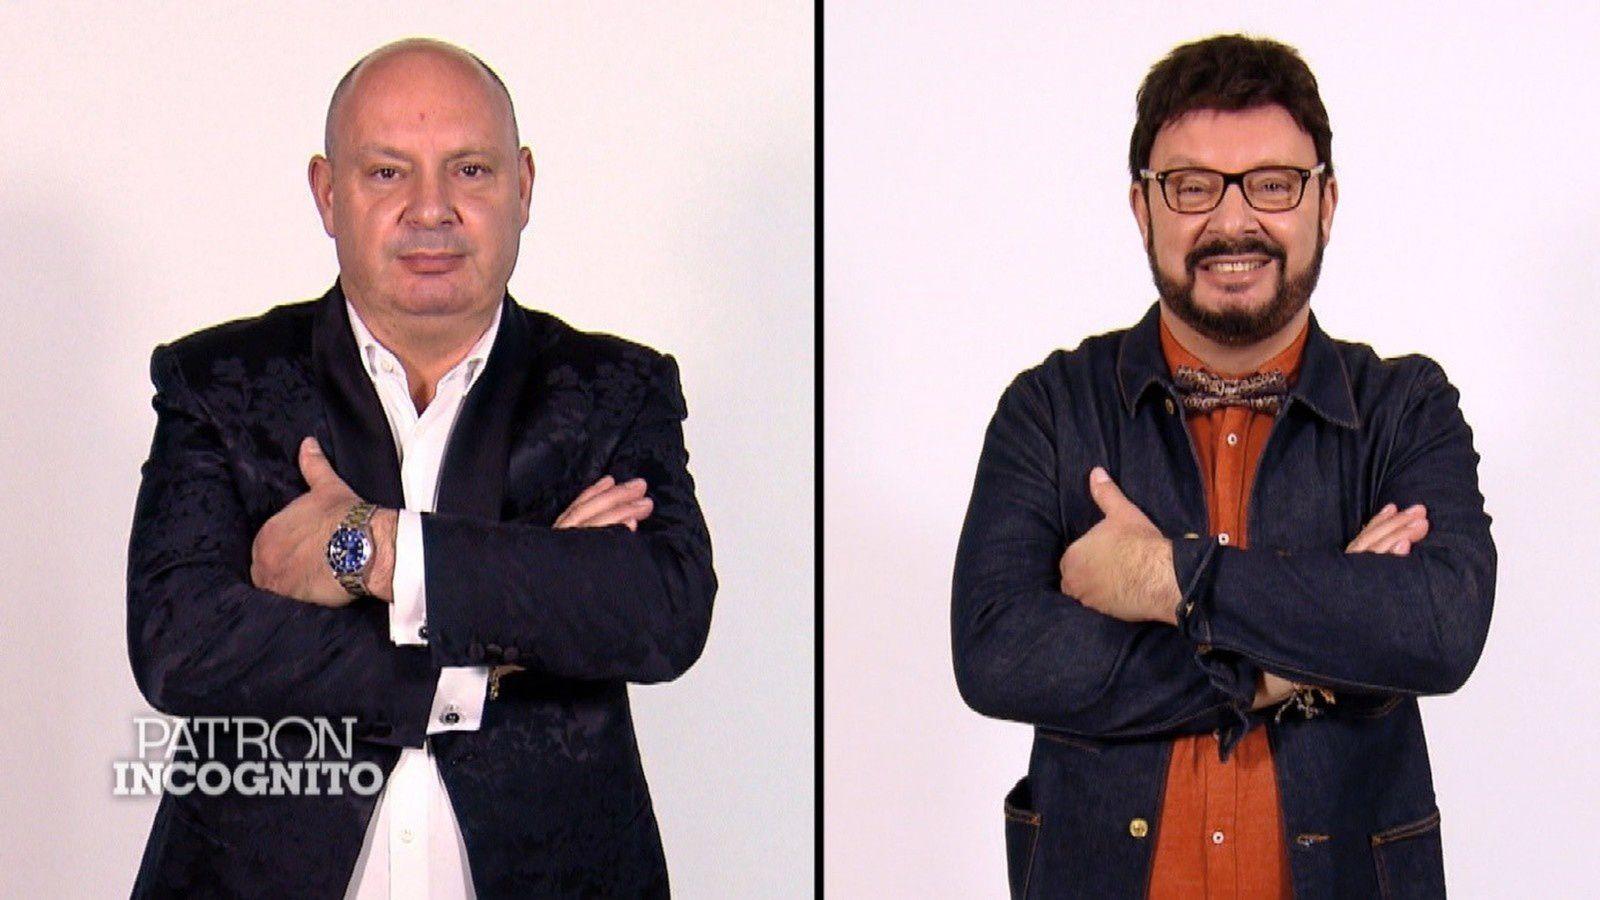 Patron Incognito ce jeudi soir sur M6, avec Marc Vanhove, fondateur de Bistro Régent (inédit).